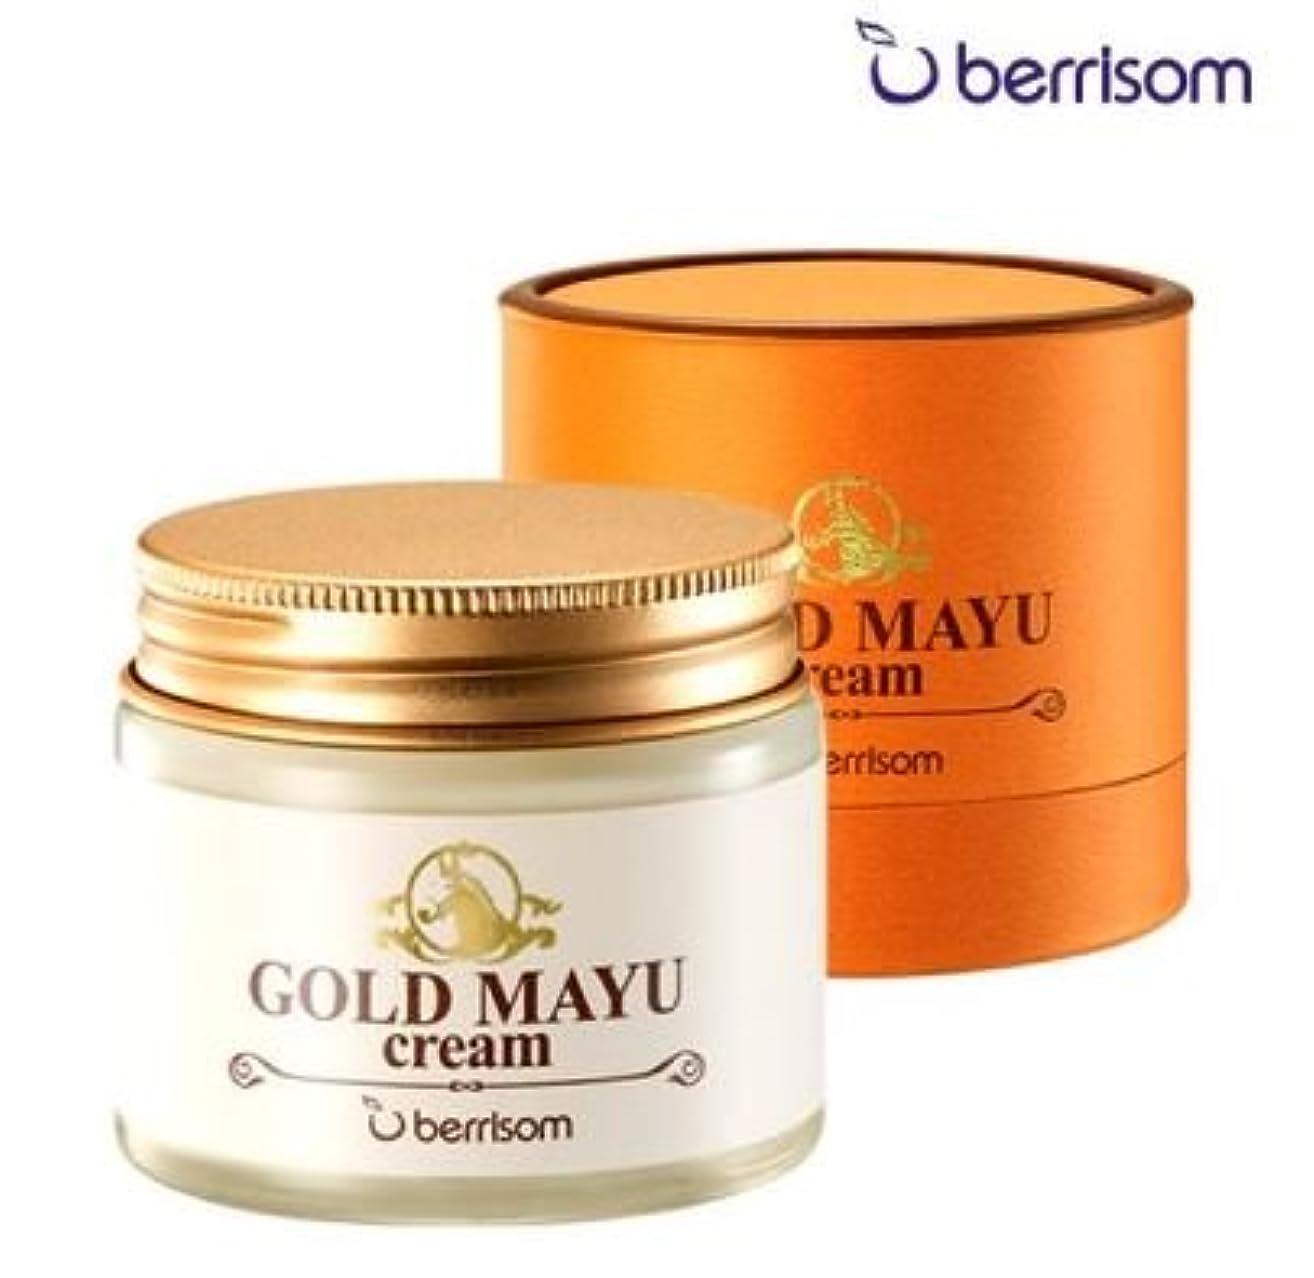 解釈的合併症燃やすBerrisom(ベリサム) ゴールド 馬油クリーム/Gold Mayu Cream/Horse Oil Cream(70g) [並行輸入品]